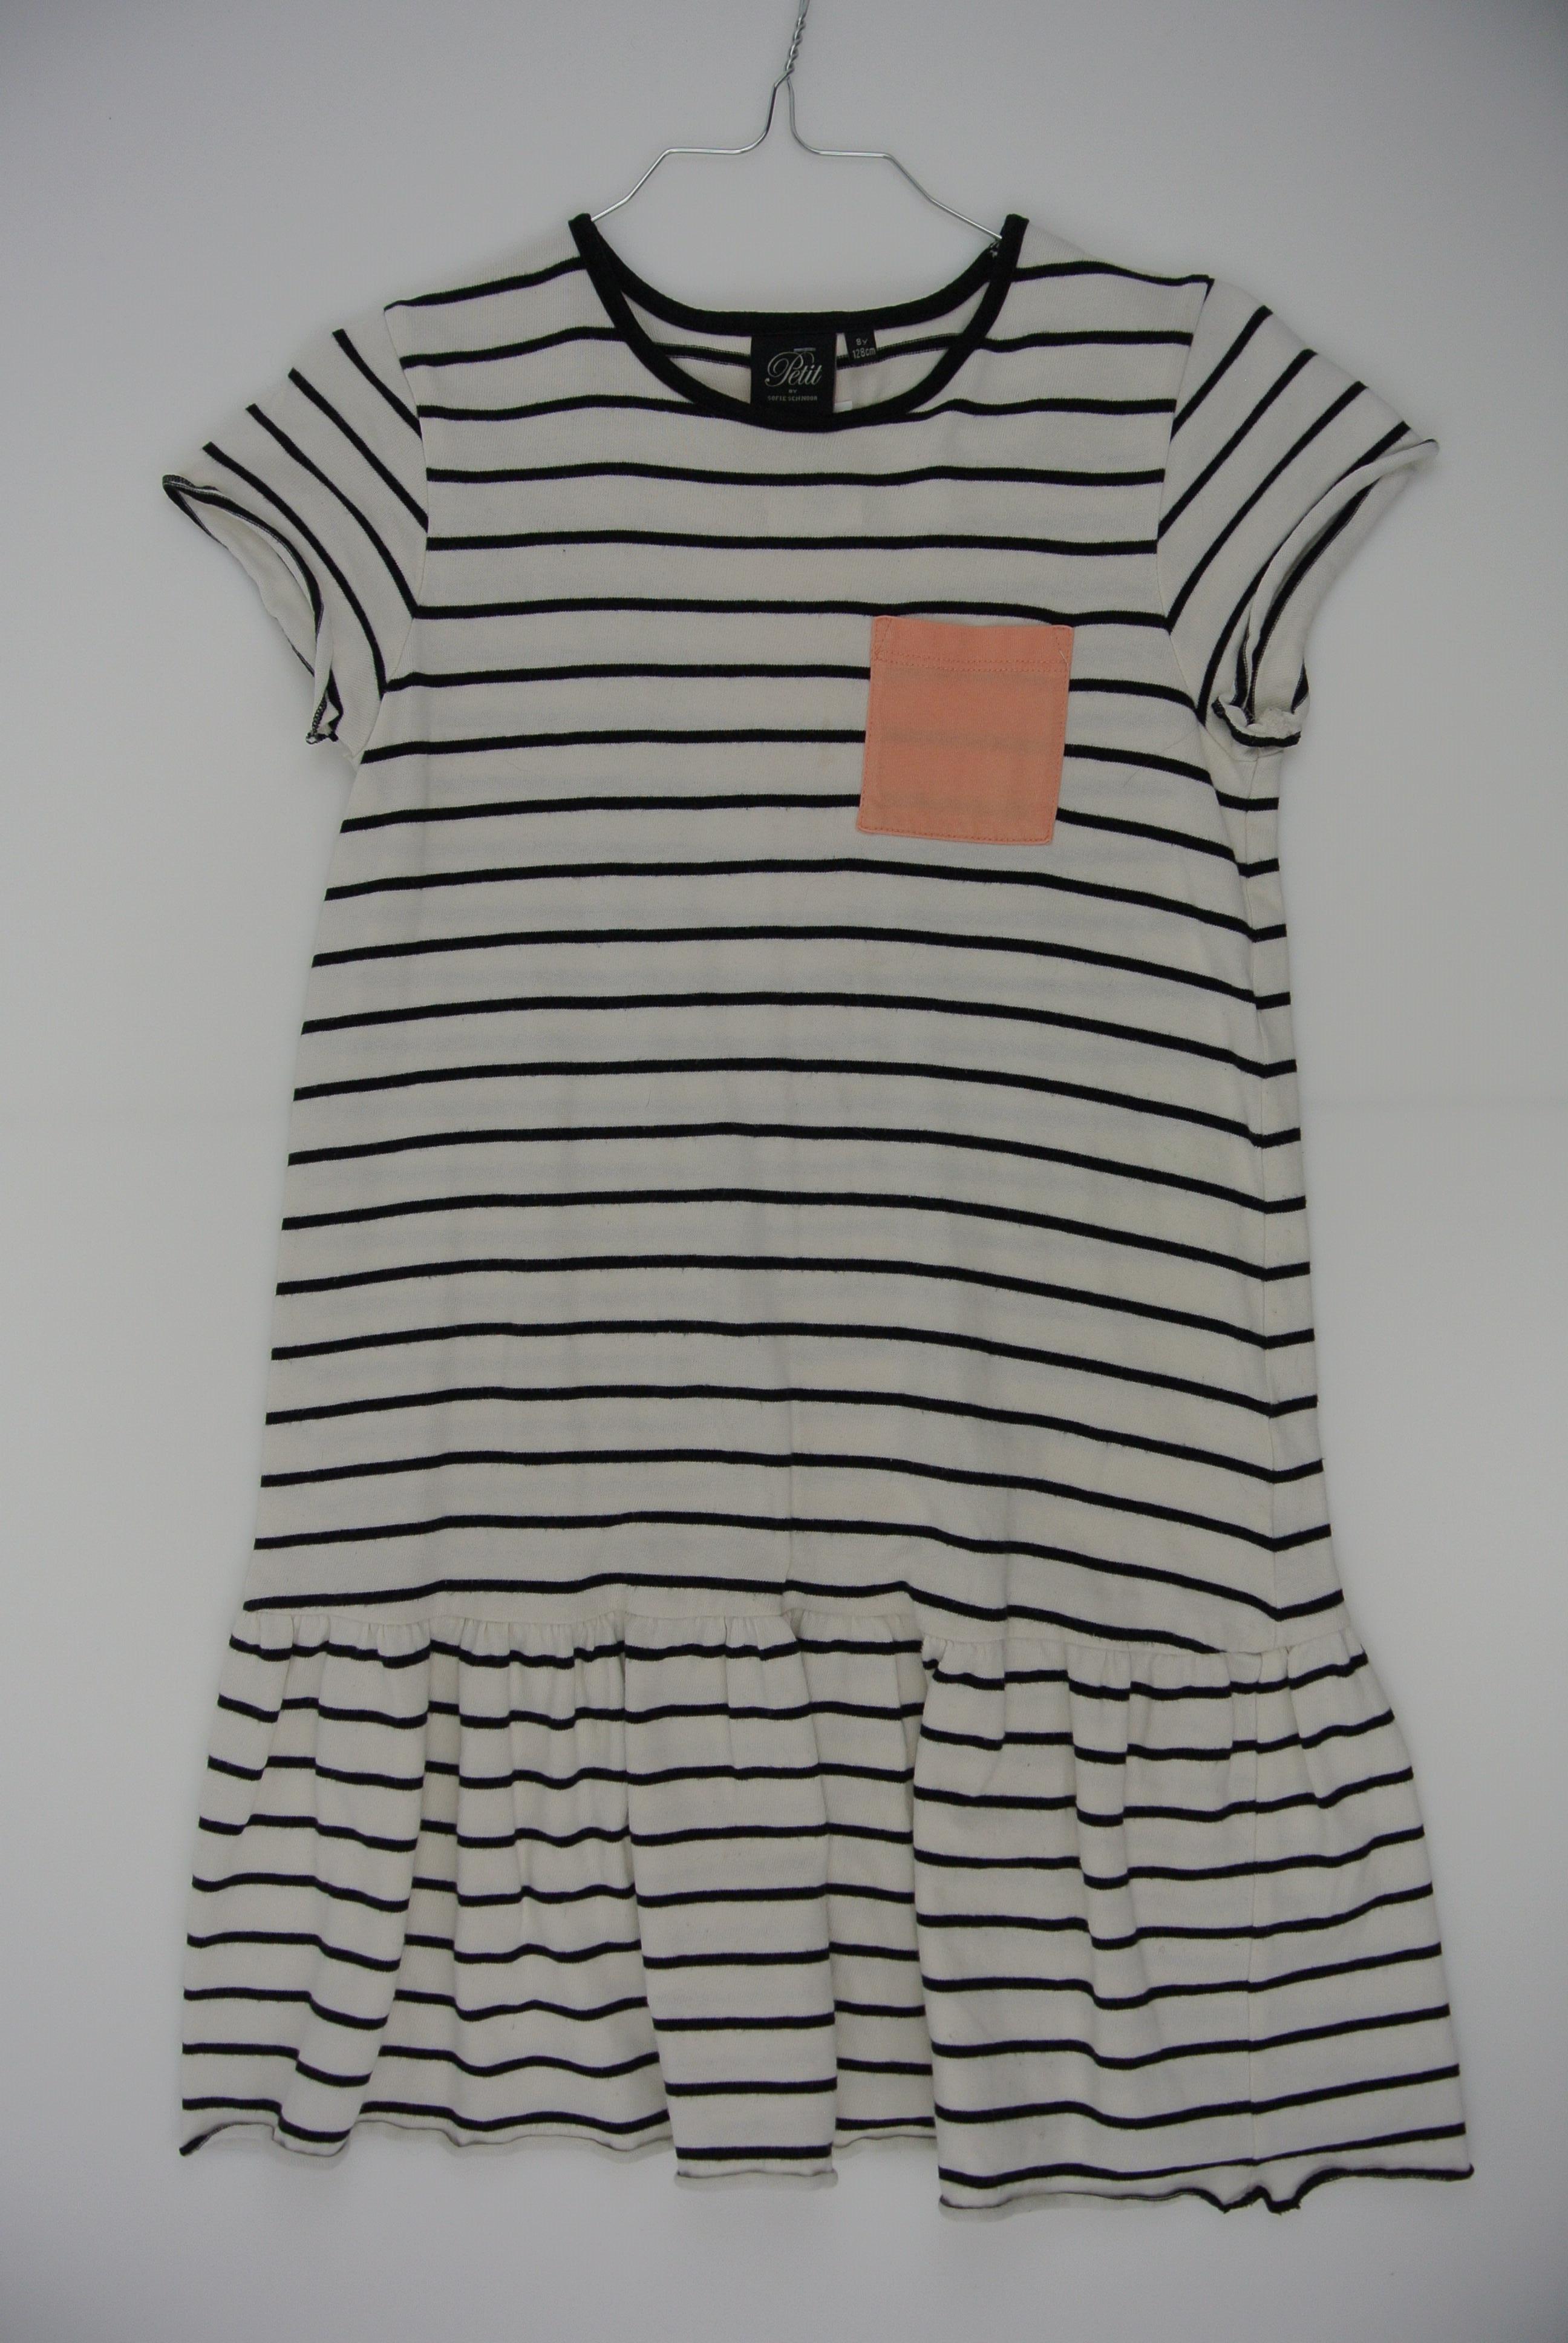 Petit by Sofie schnoor kjole str 128 pige